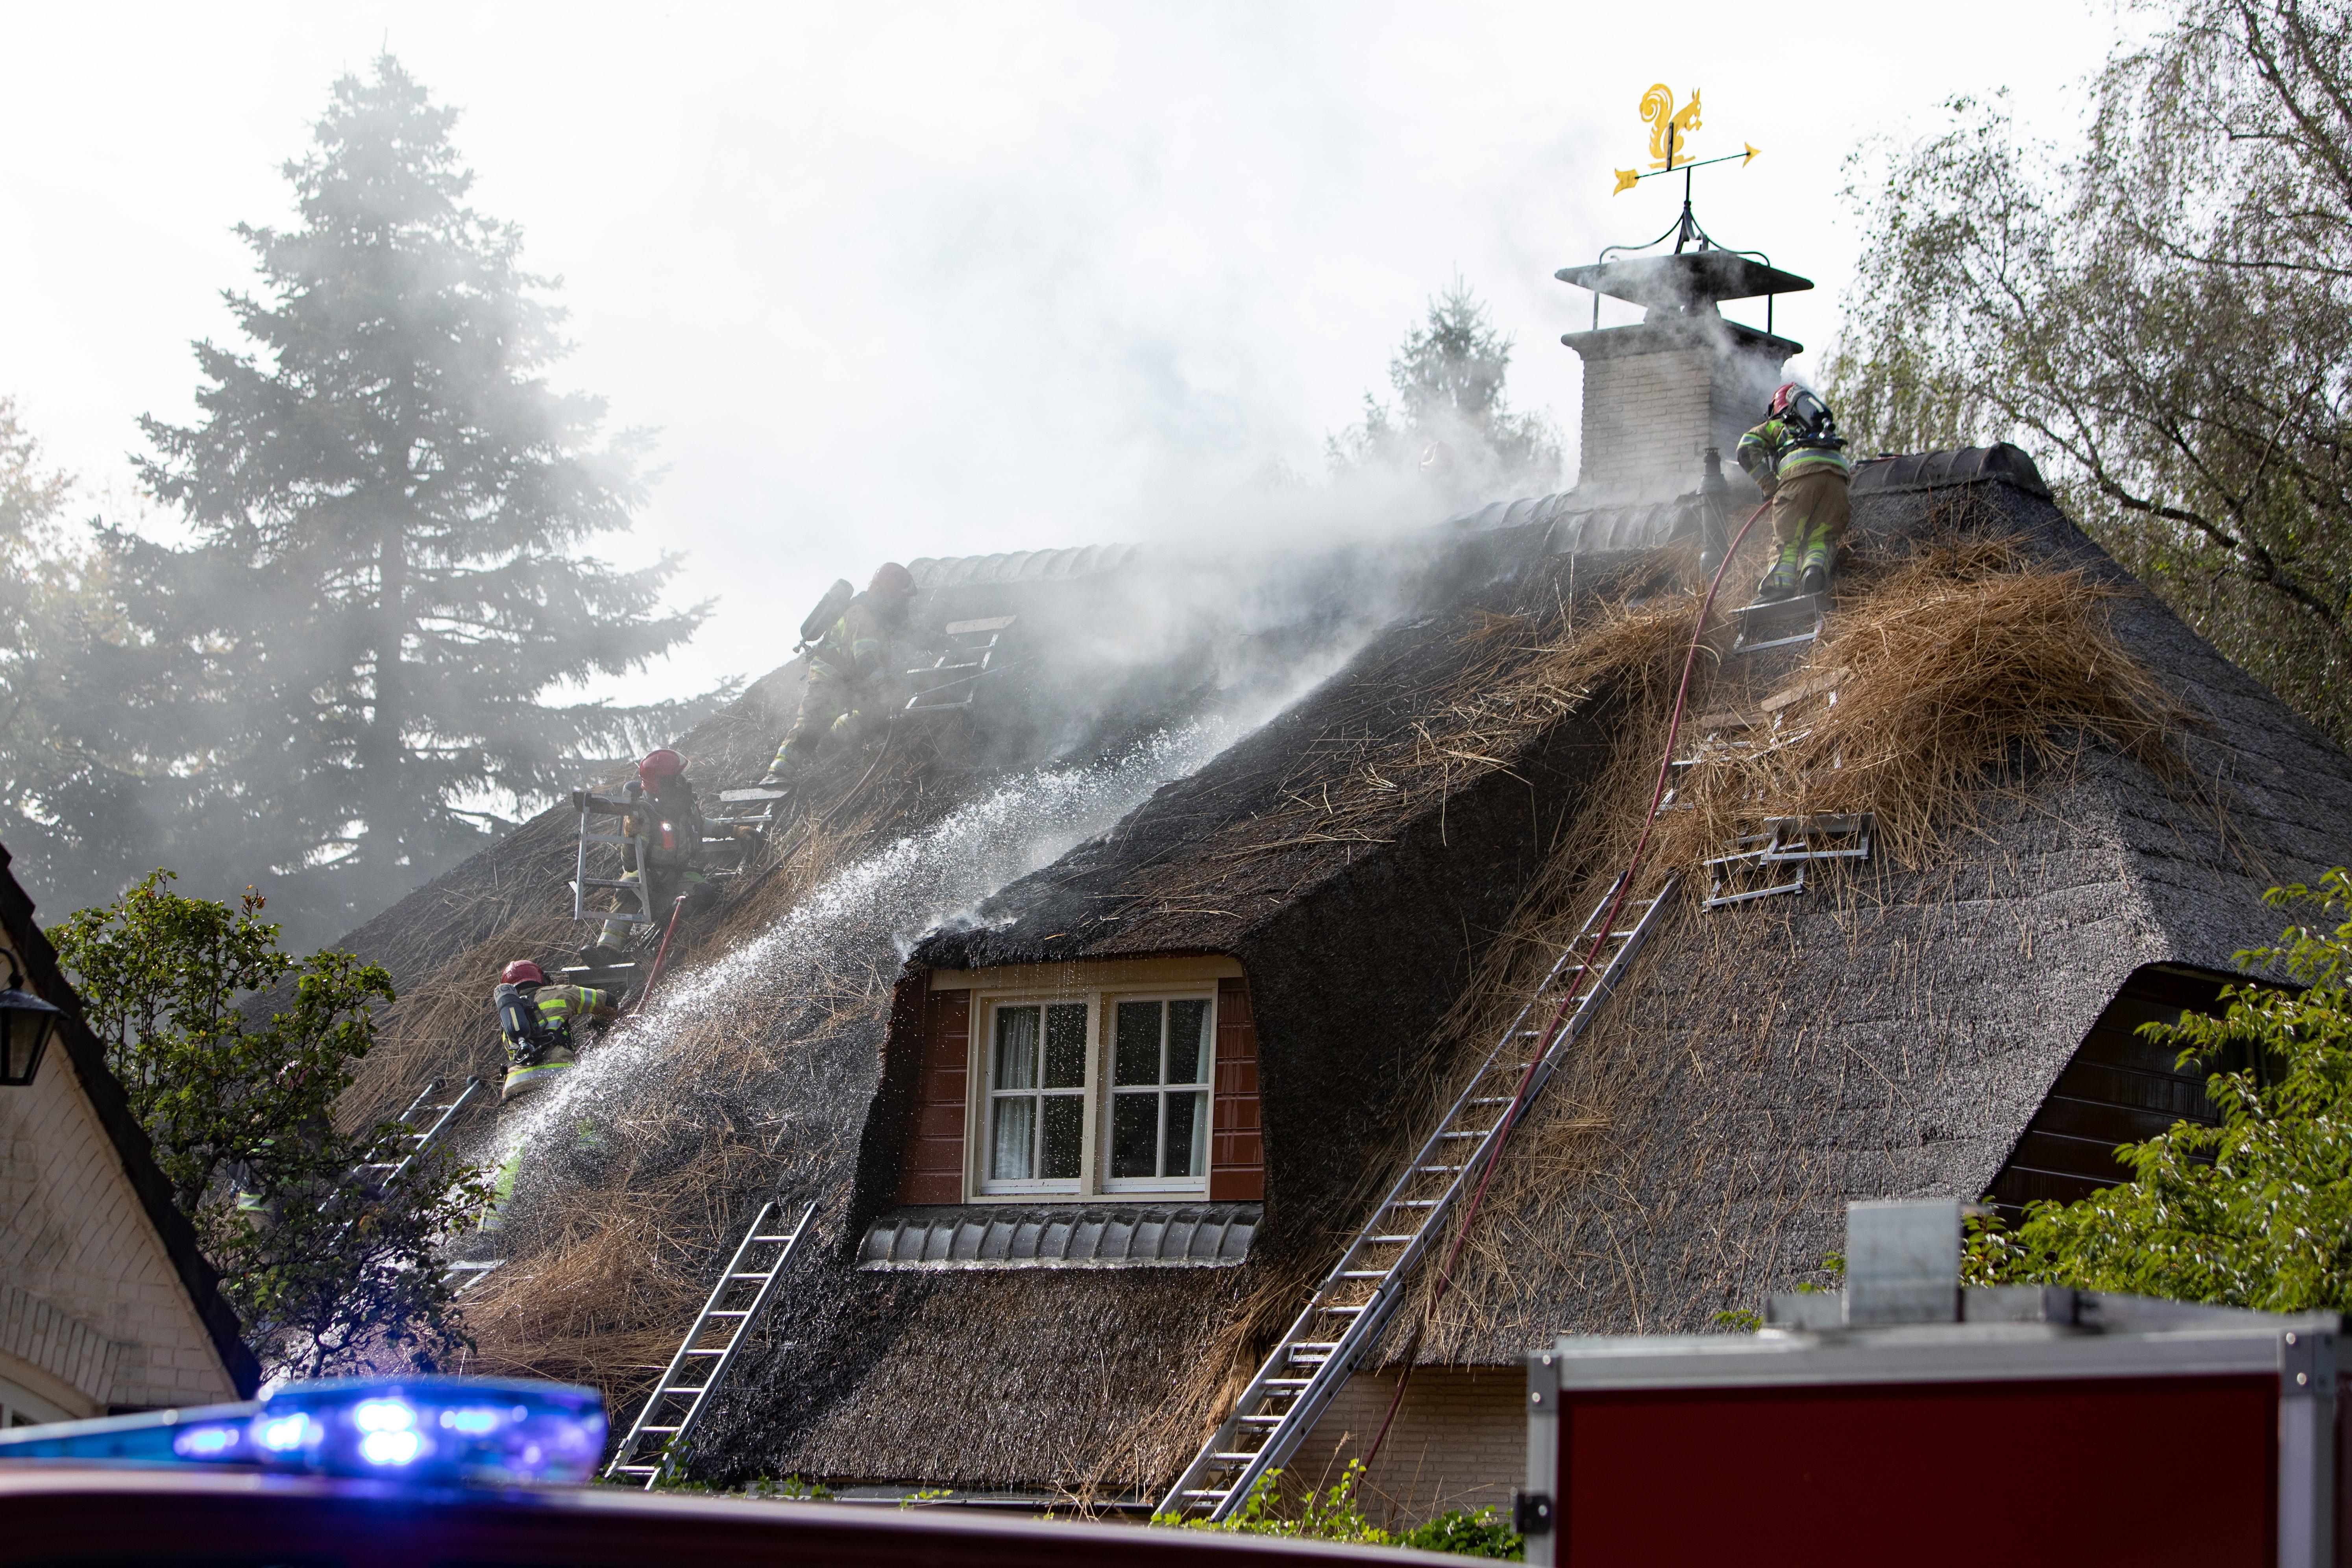 Schilders gaan vuur te lijf met een tuinslang om erger te voorkomen. Uitslaande brand verwoest rieten kap van Blaricumse villa